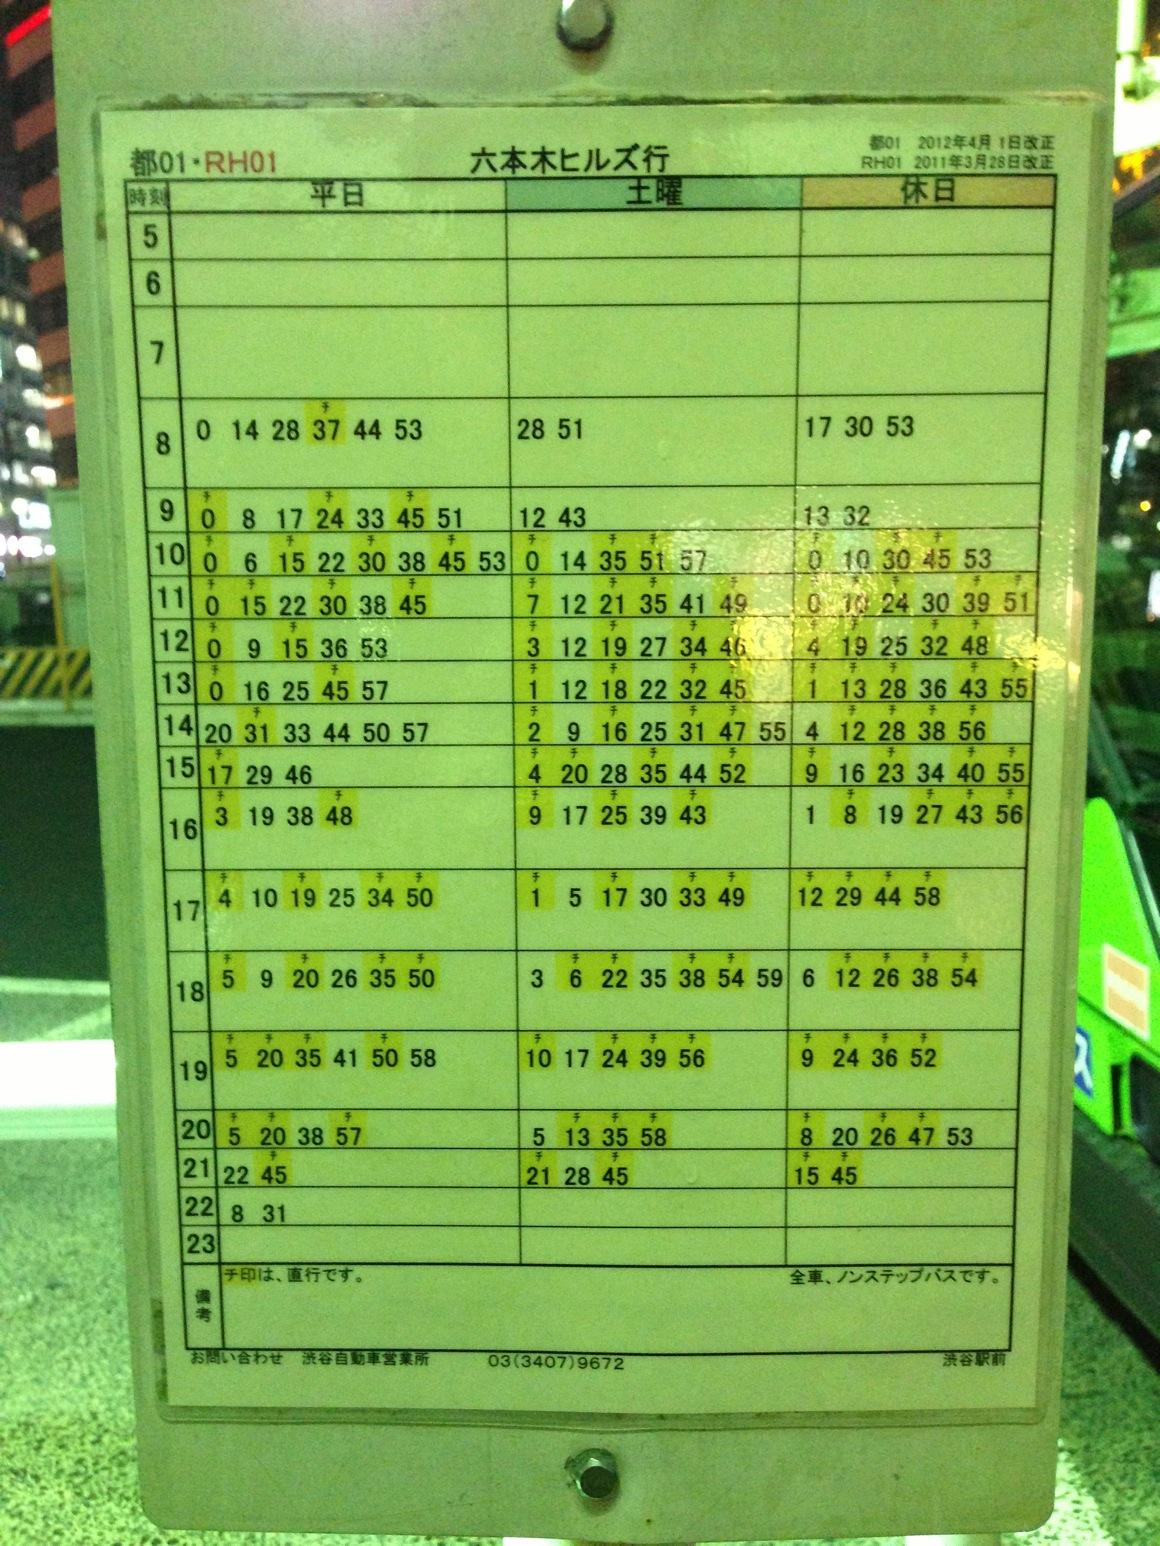 六本木ヒルズ行きバスの時刻表